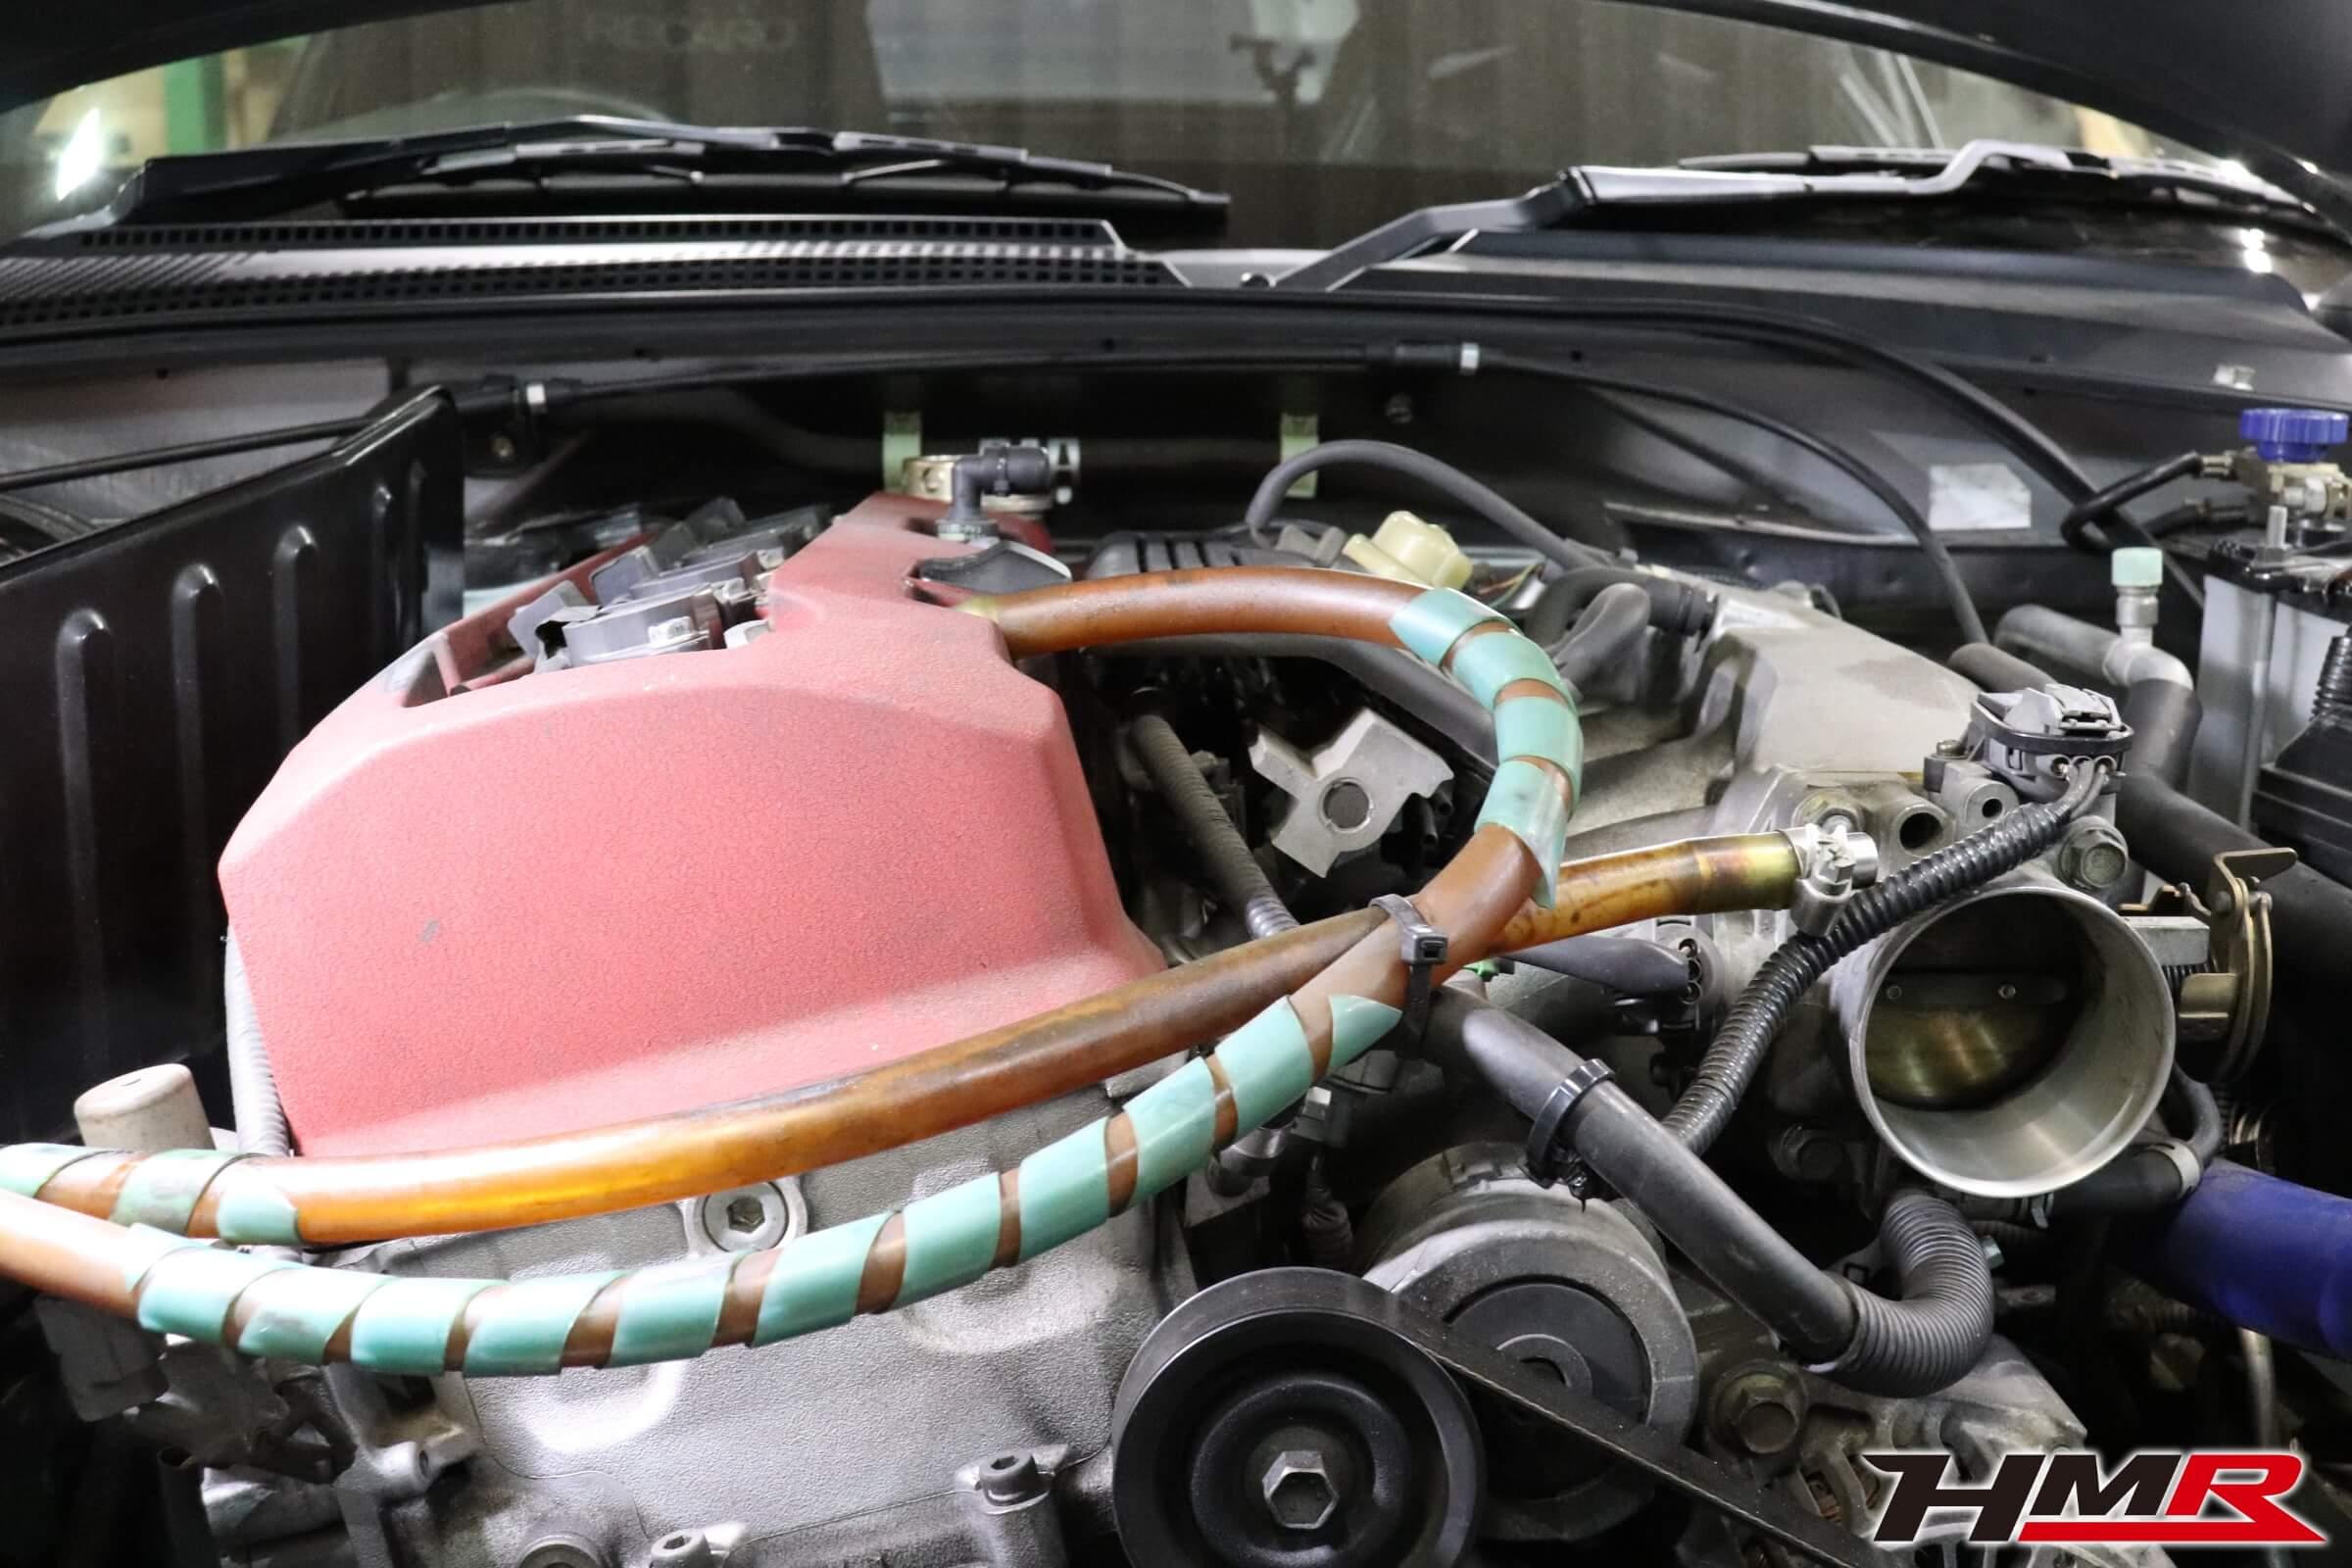 S2000 CSOローマウントエンジンブラケット取り付け画像